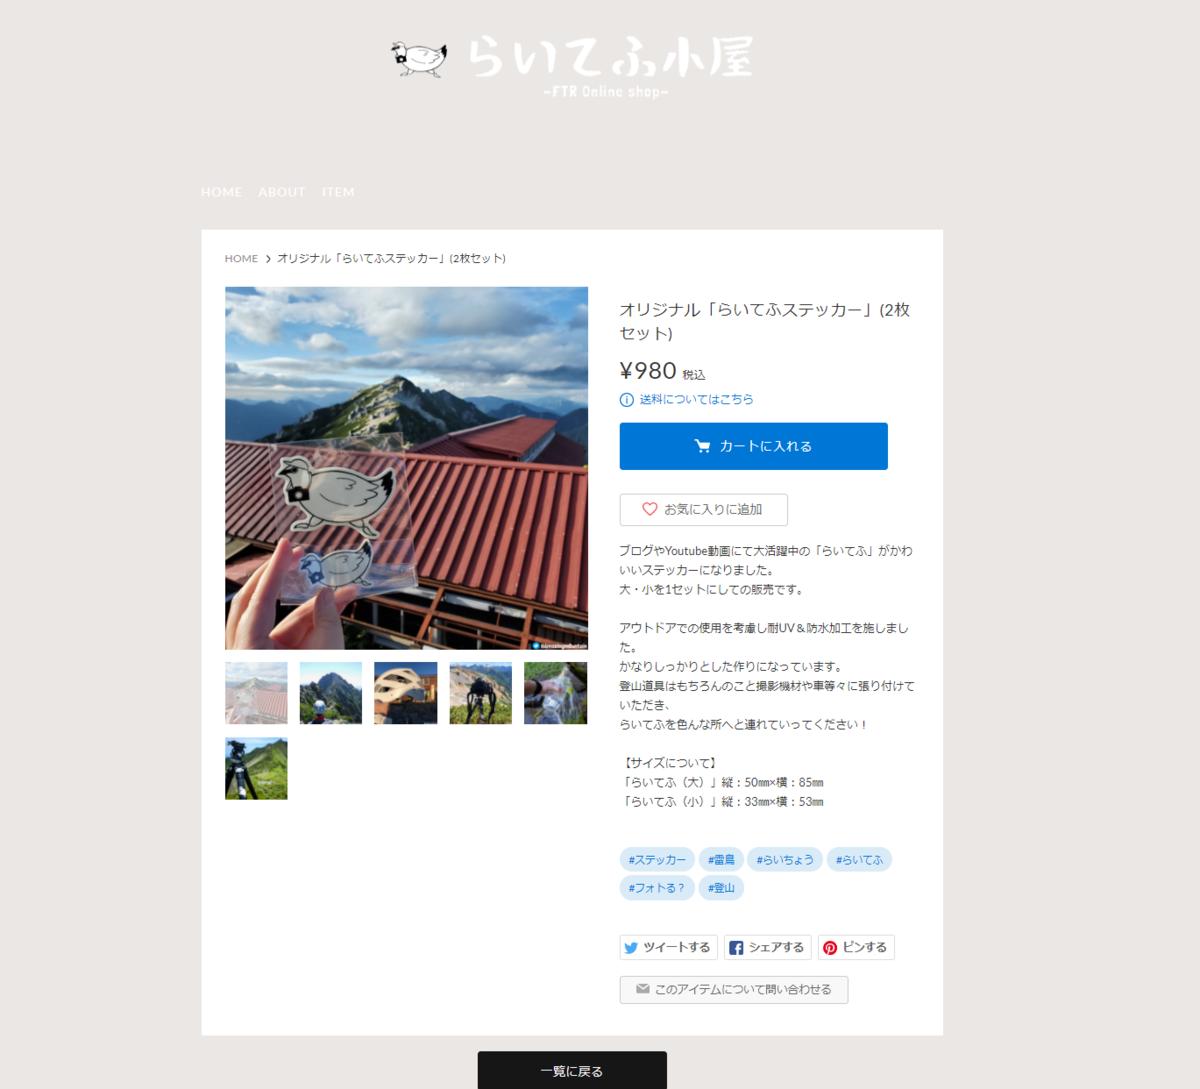 f:id:Kyo_Ichikawa:20200827150055p:plain